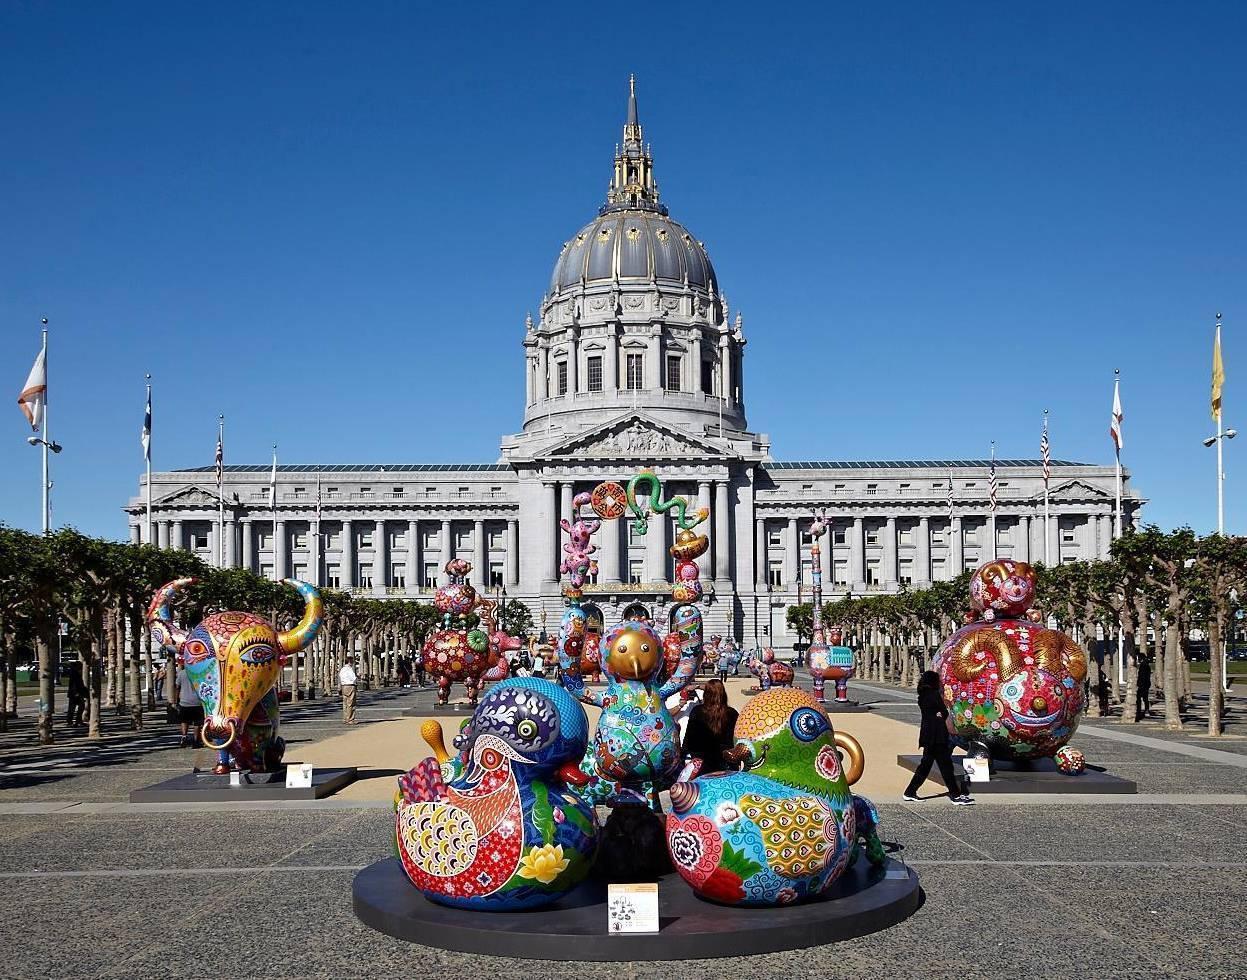 2015 美國舊金山市政中心廣場 大型綜合展覽 洪易馬戲團群組 76x121x330cm